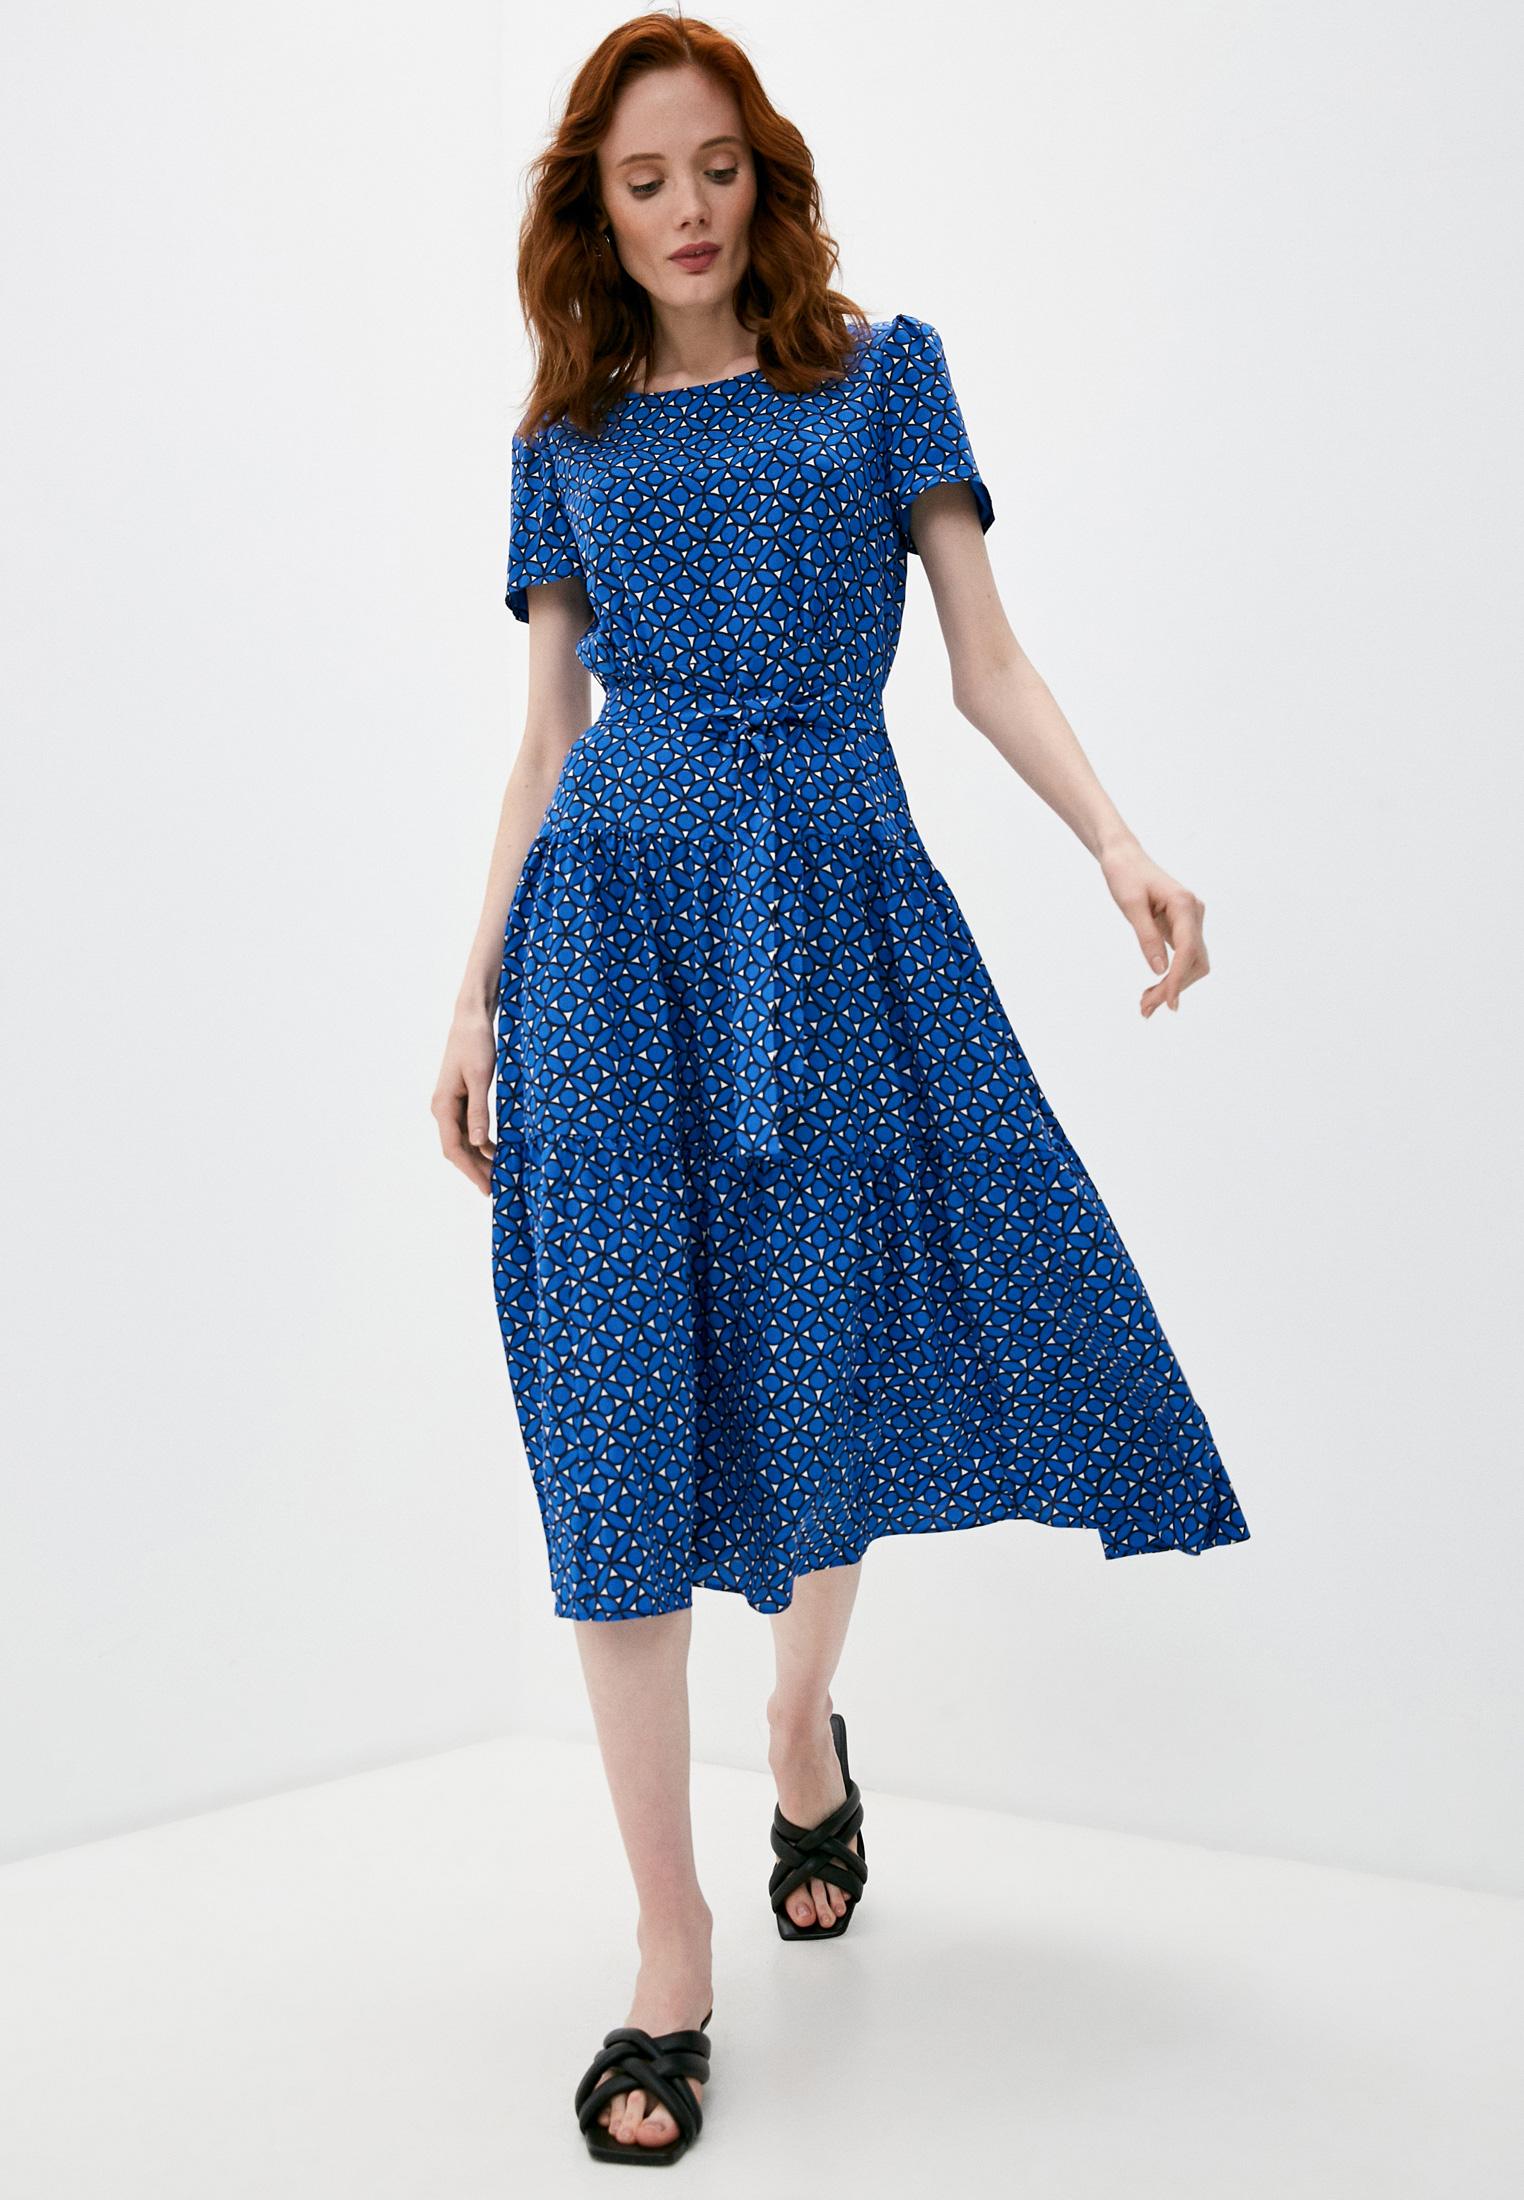 Повседневное платье Weekend Max Mara 52211211600